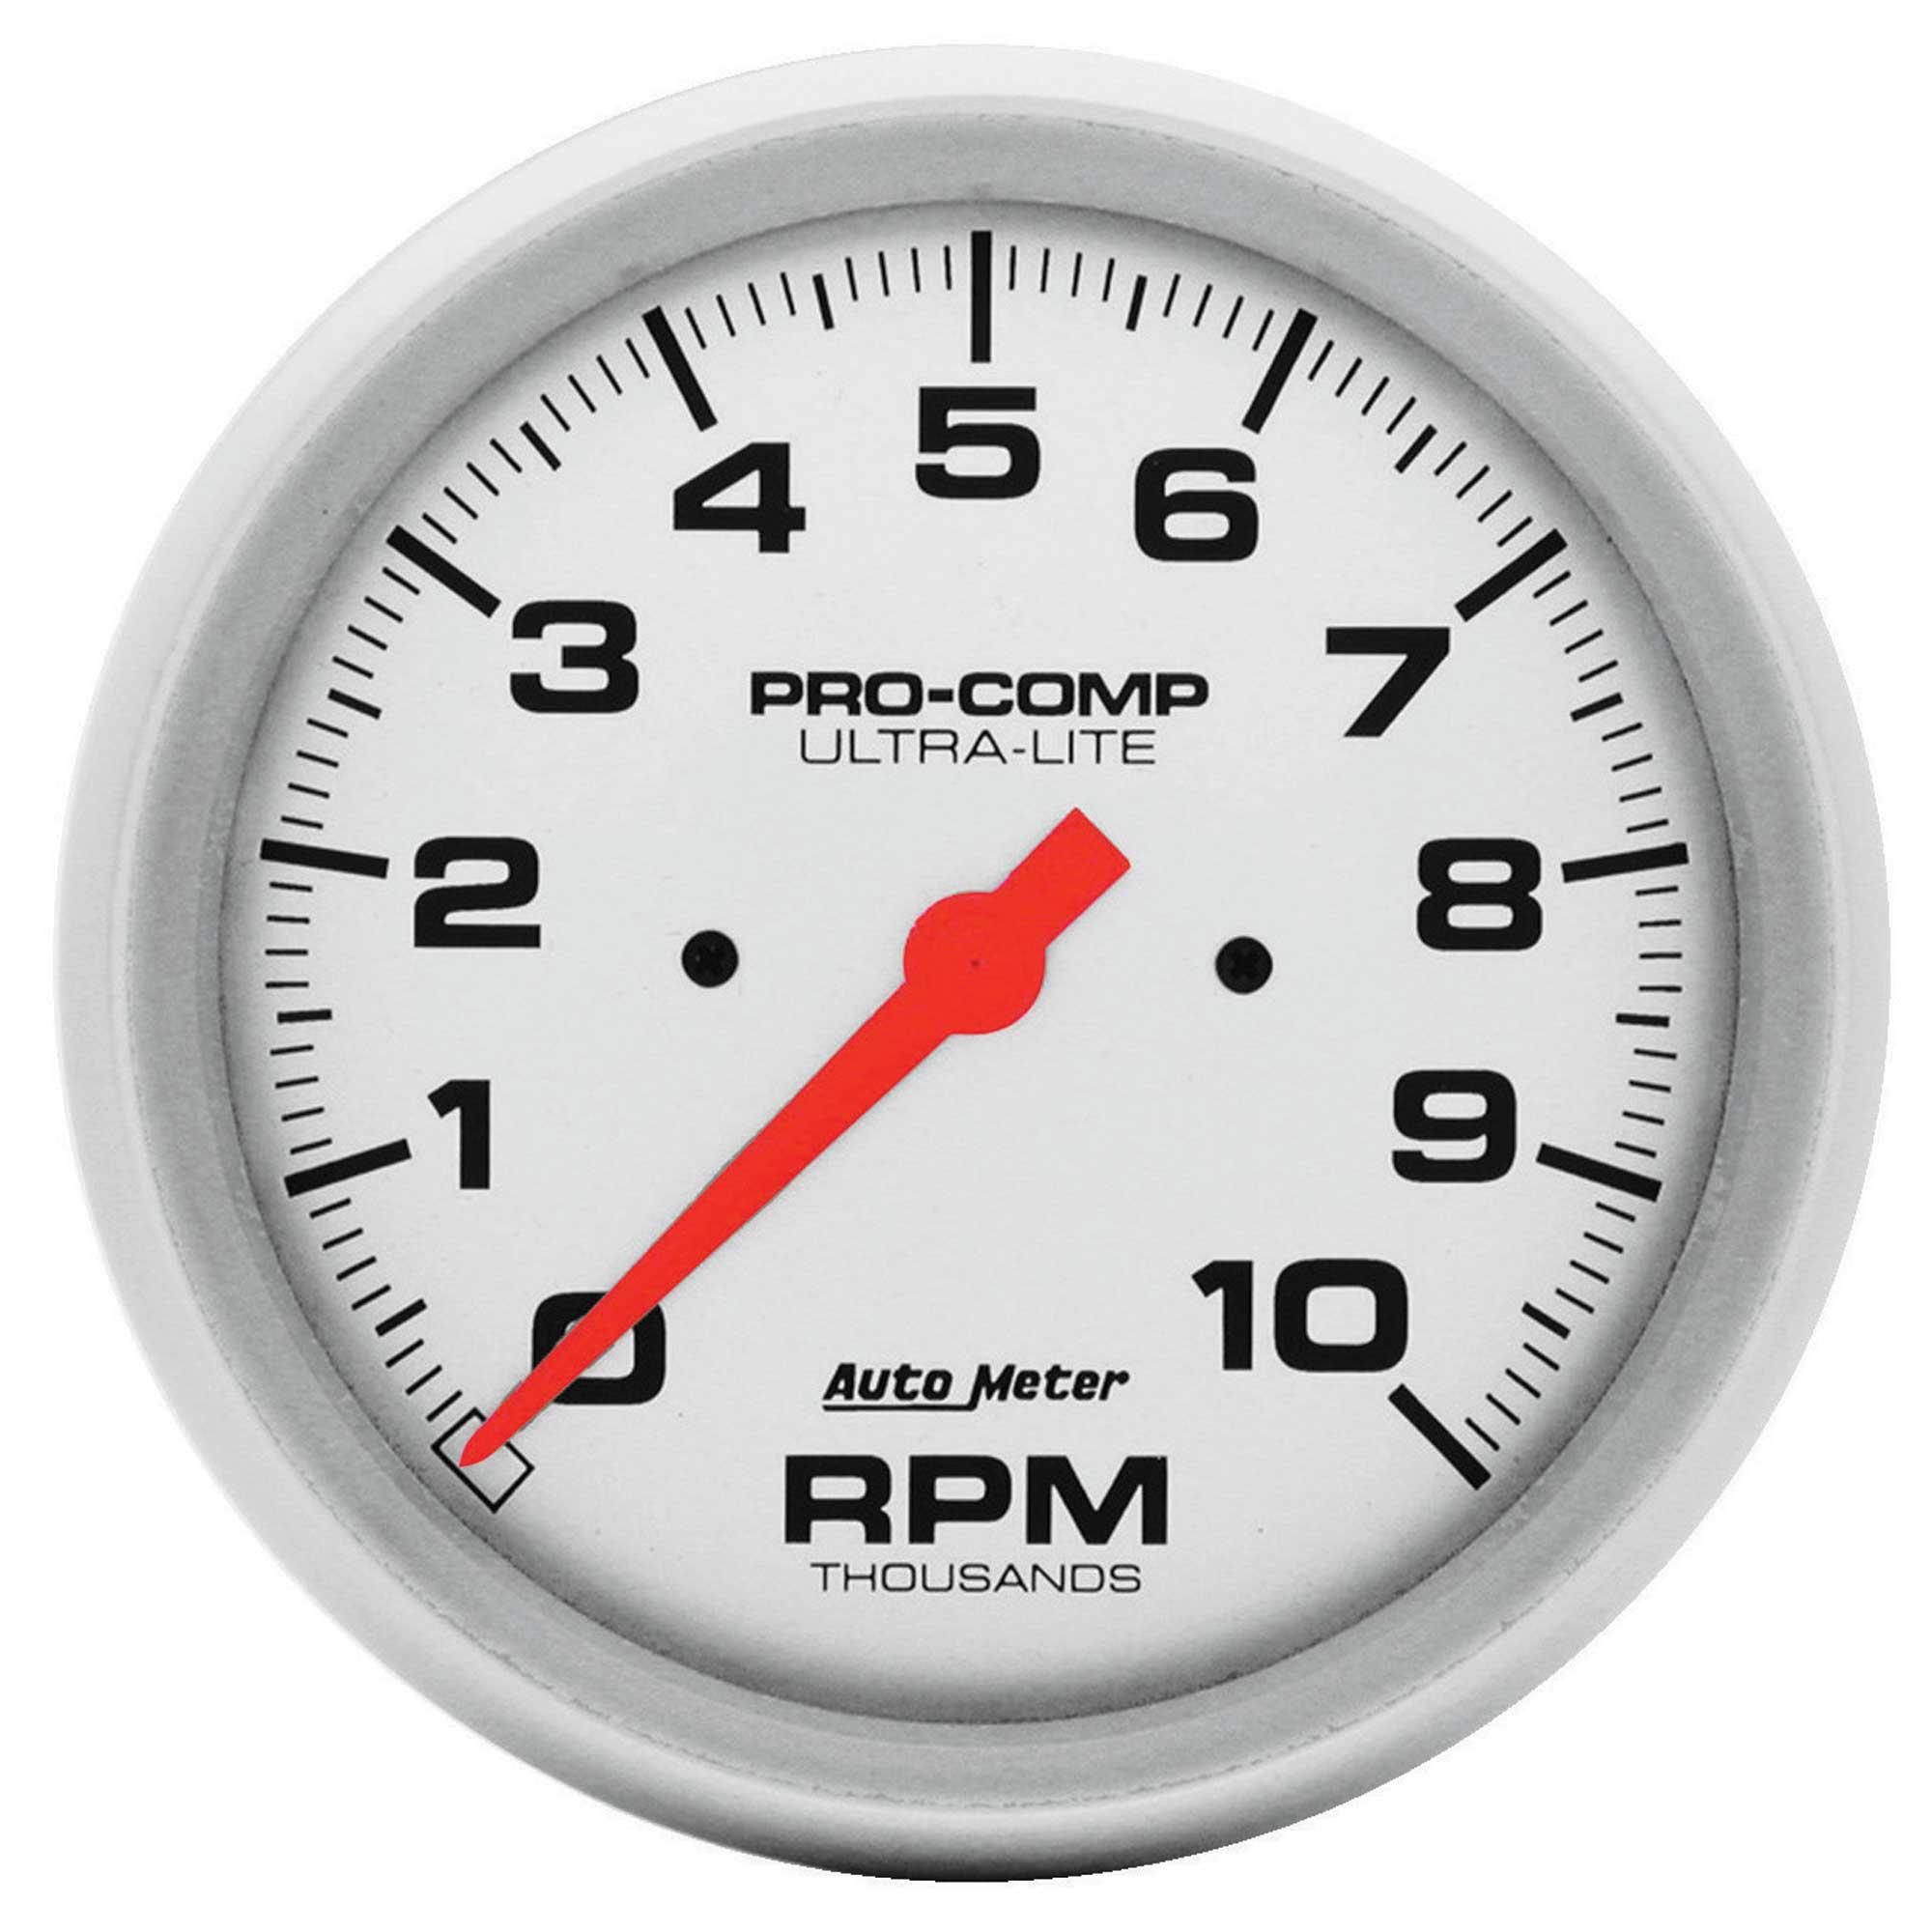 Auto Meter Tach Gauge Wiring Diagram